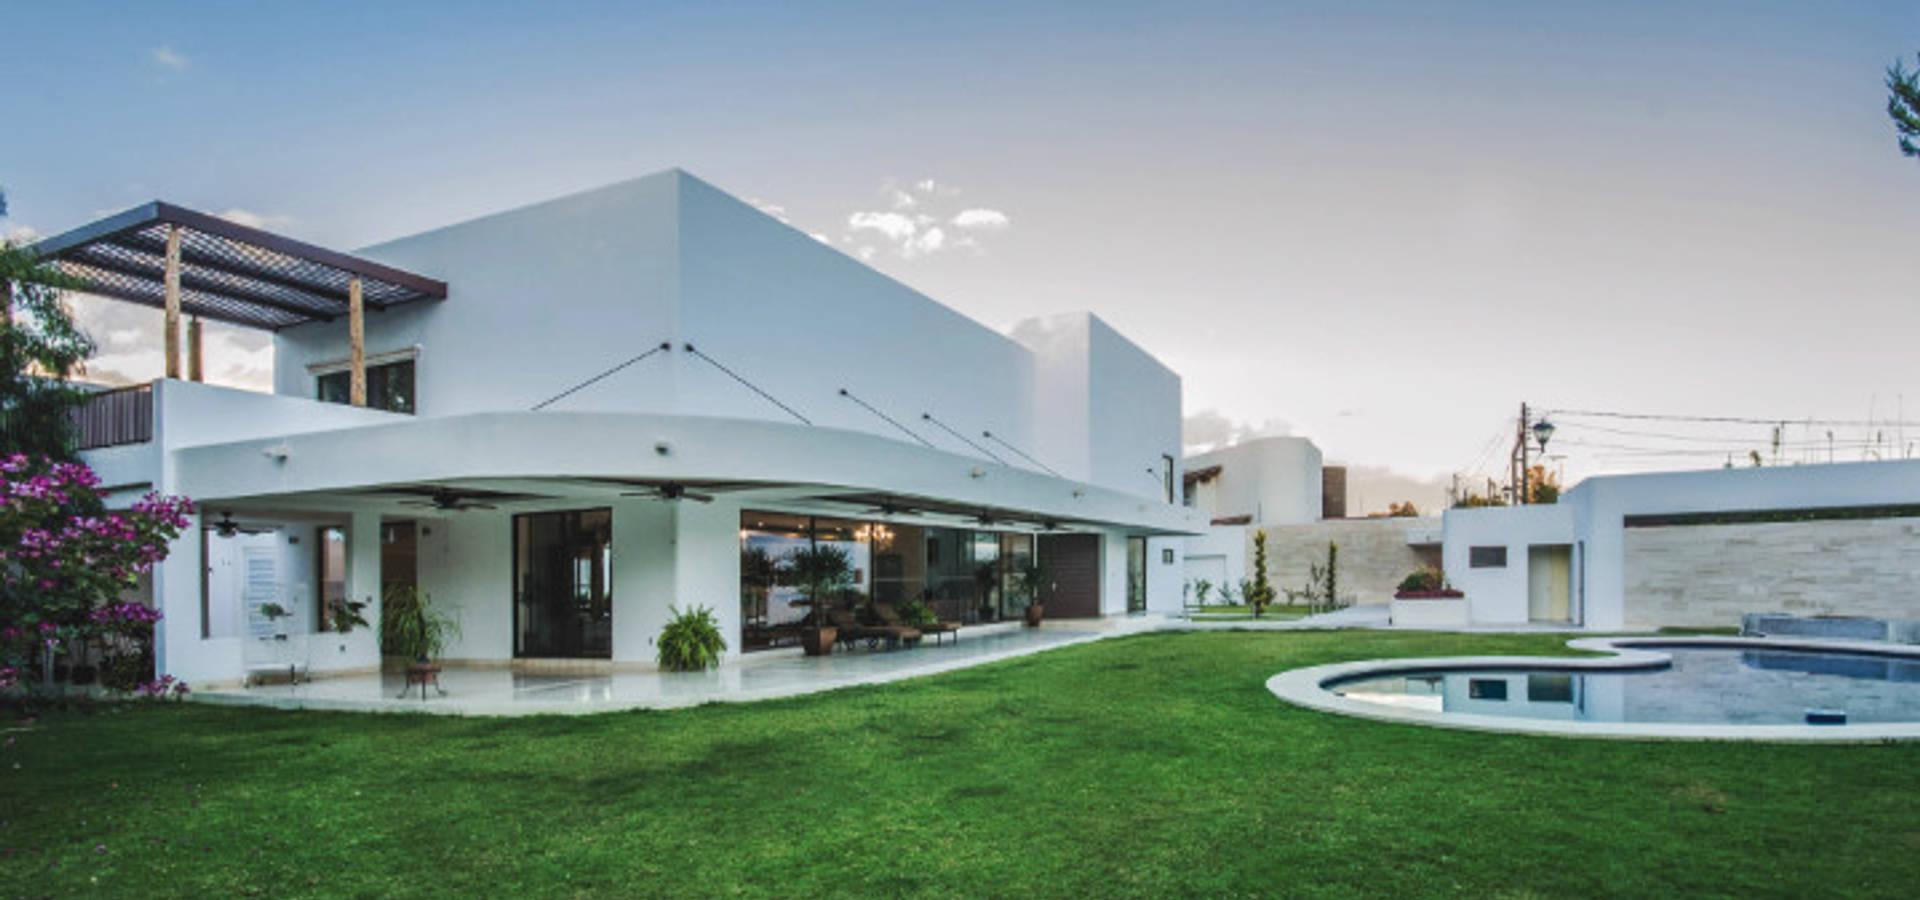 Básico arquitectura